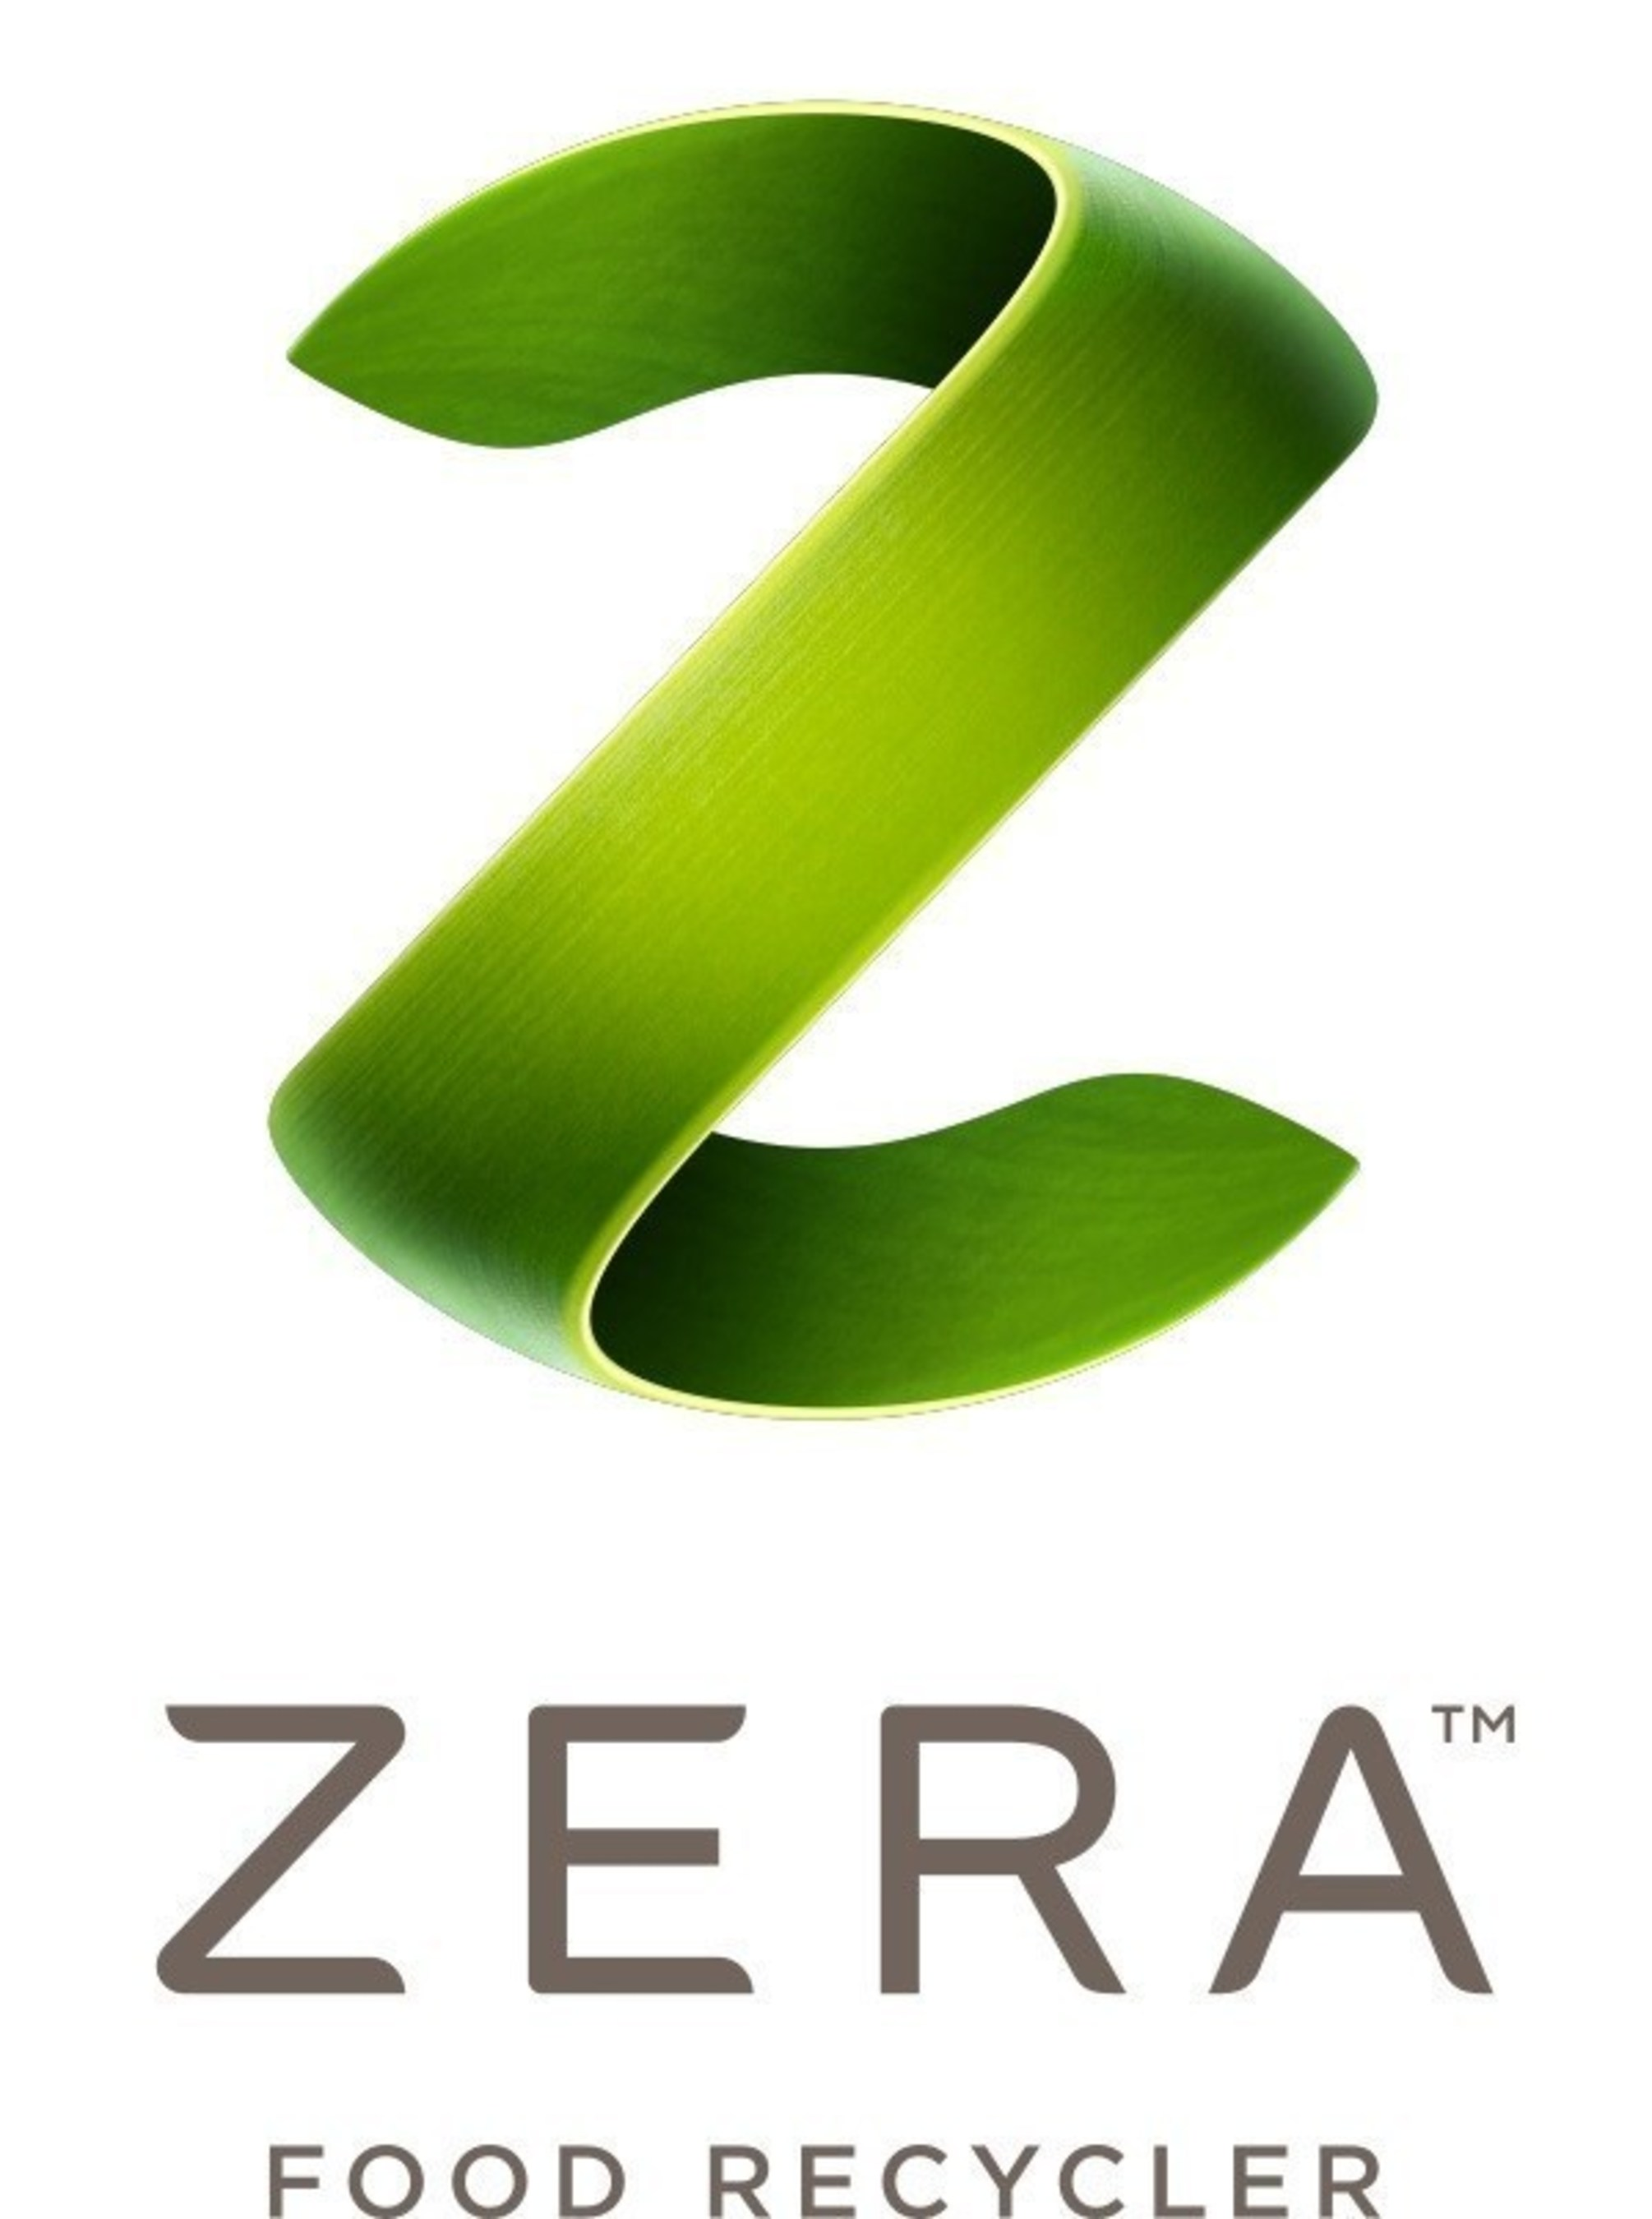 Zera logo